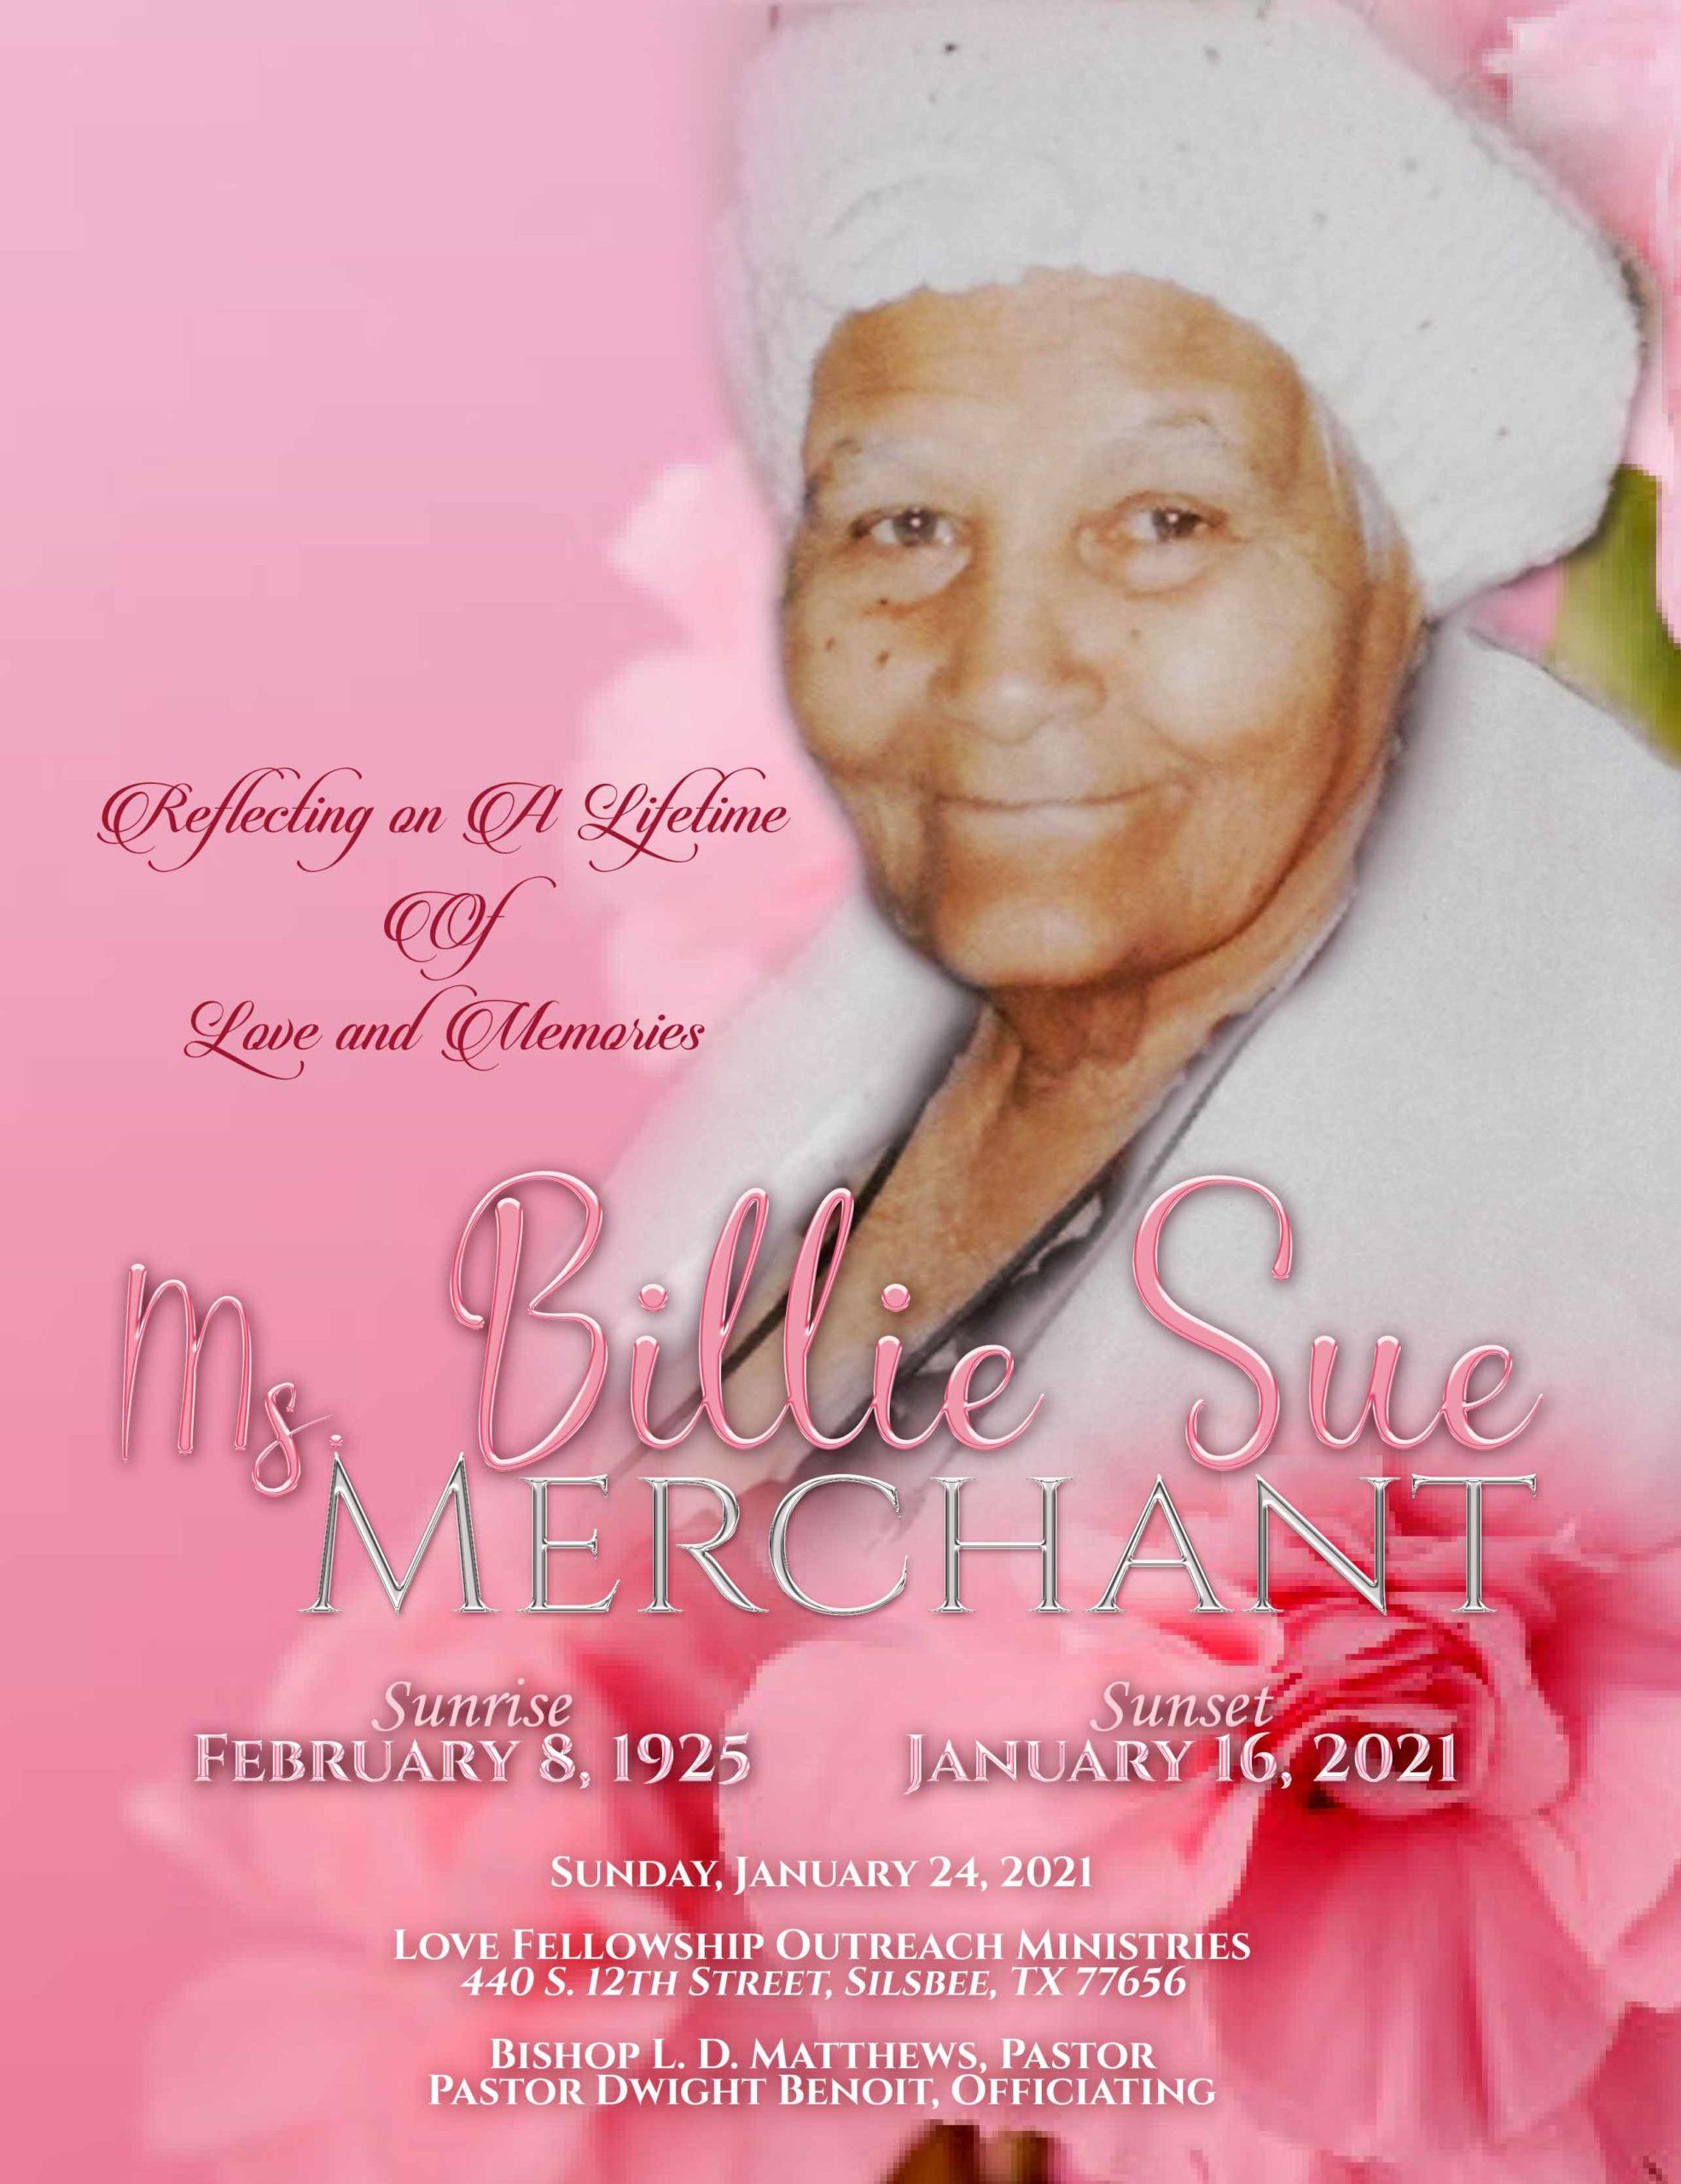 Billie Sue Merchant 1925 – 2021